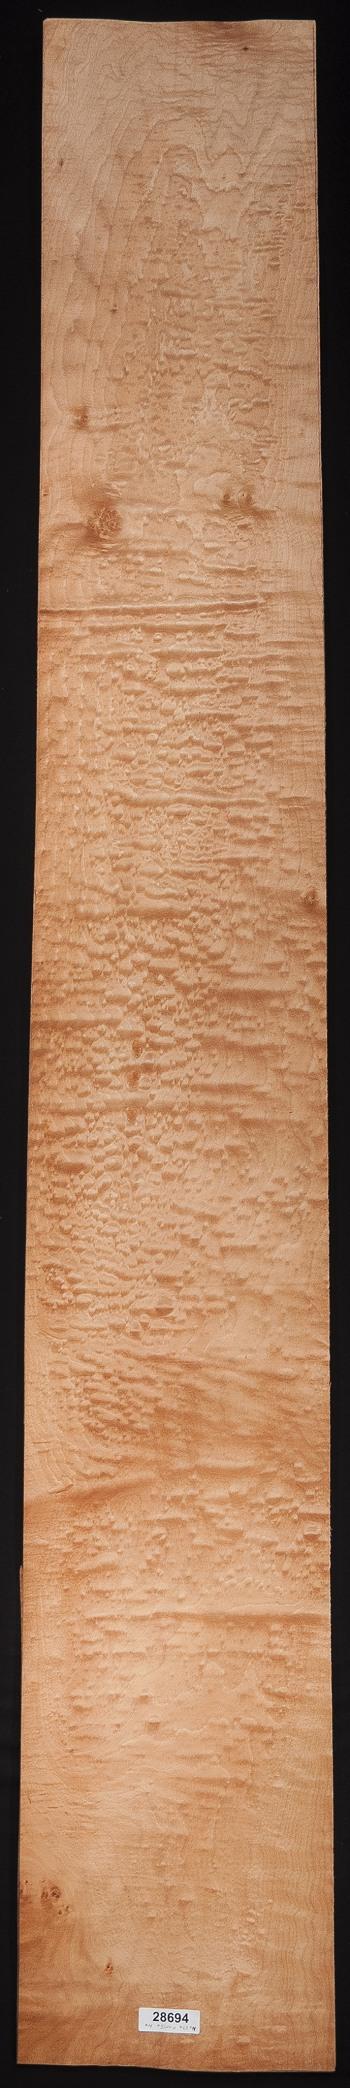 Quilted Maple Veneer Sheet